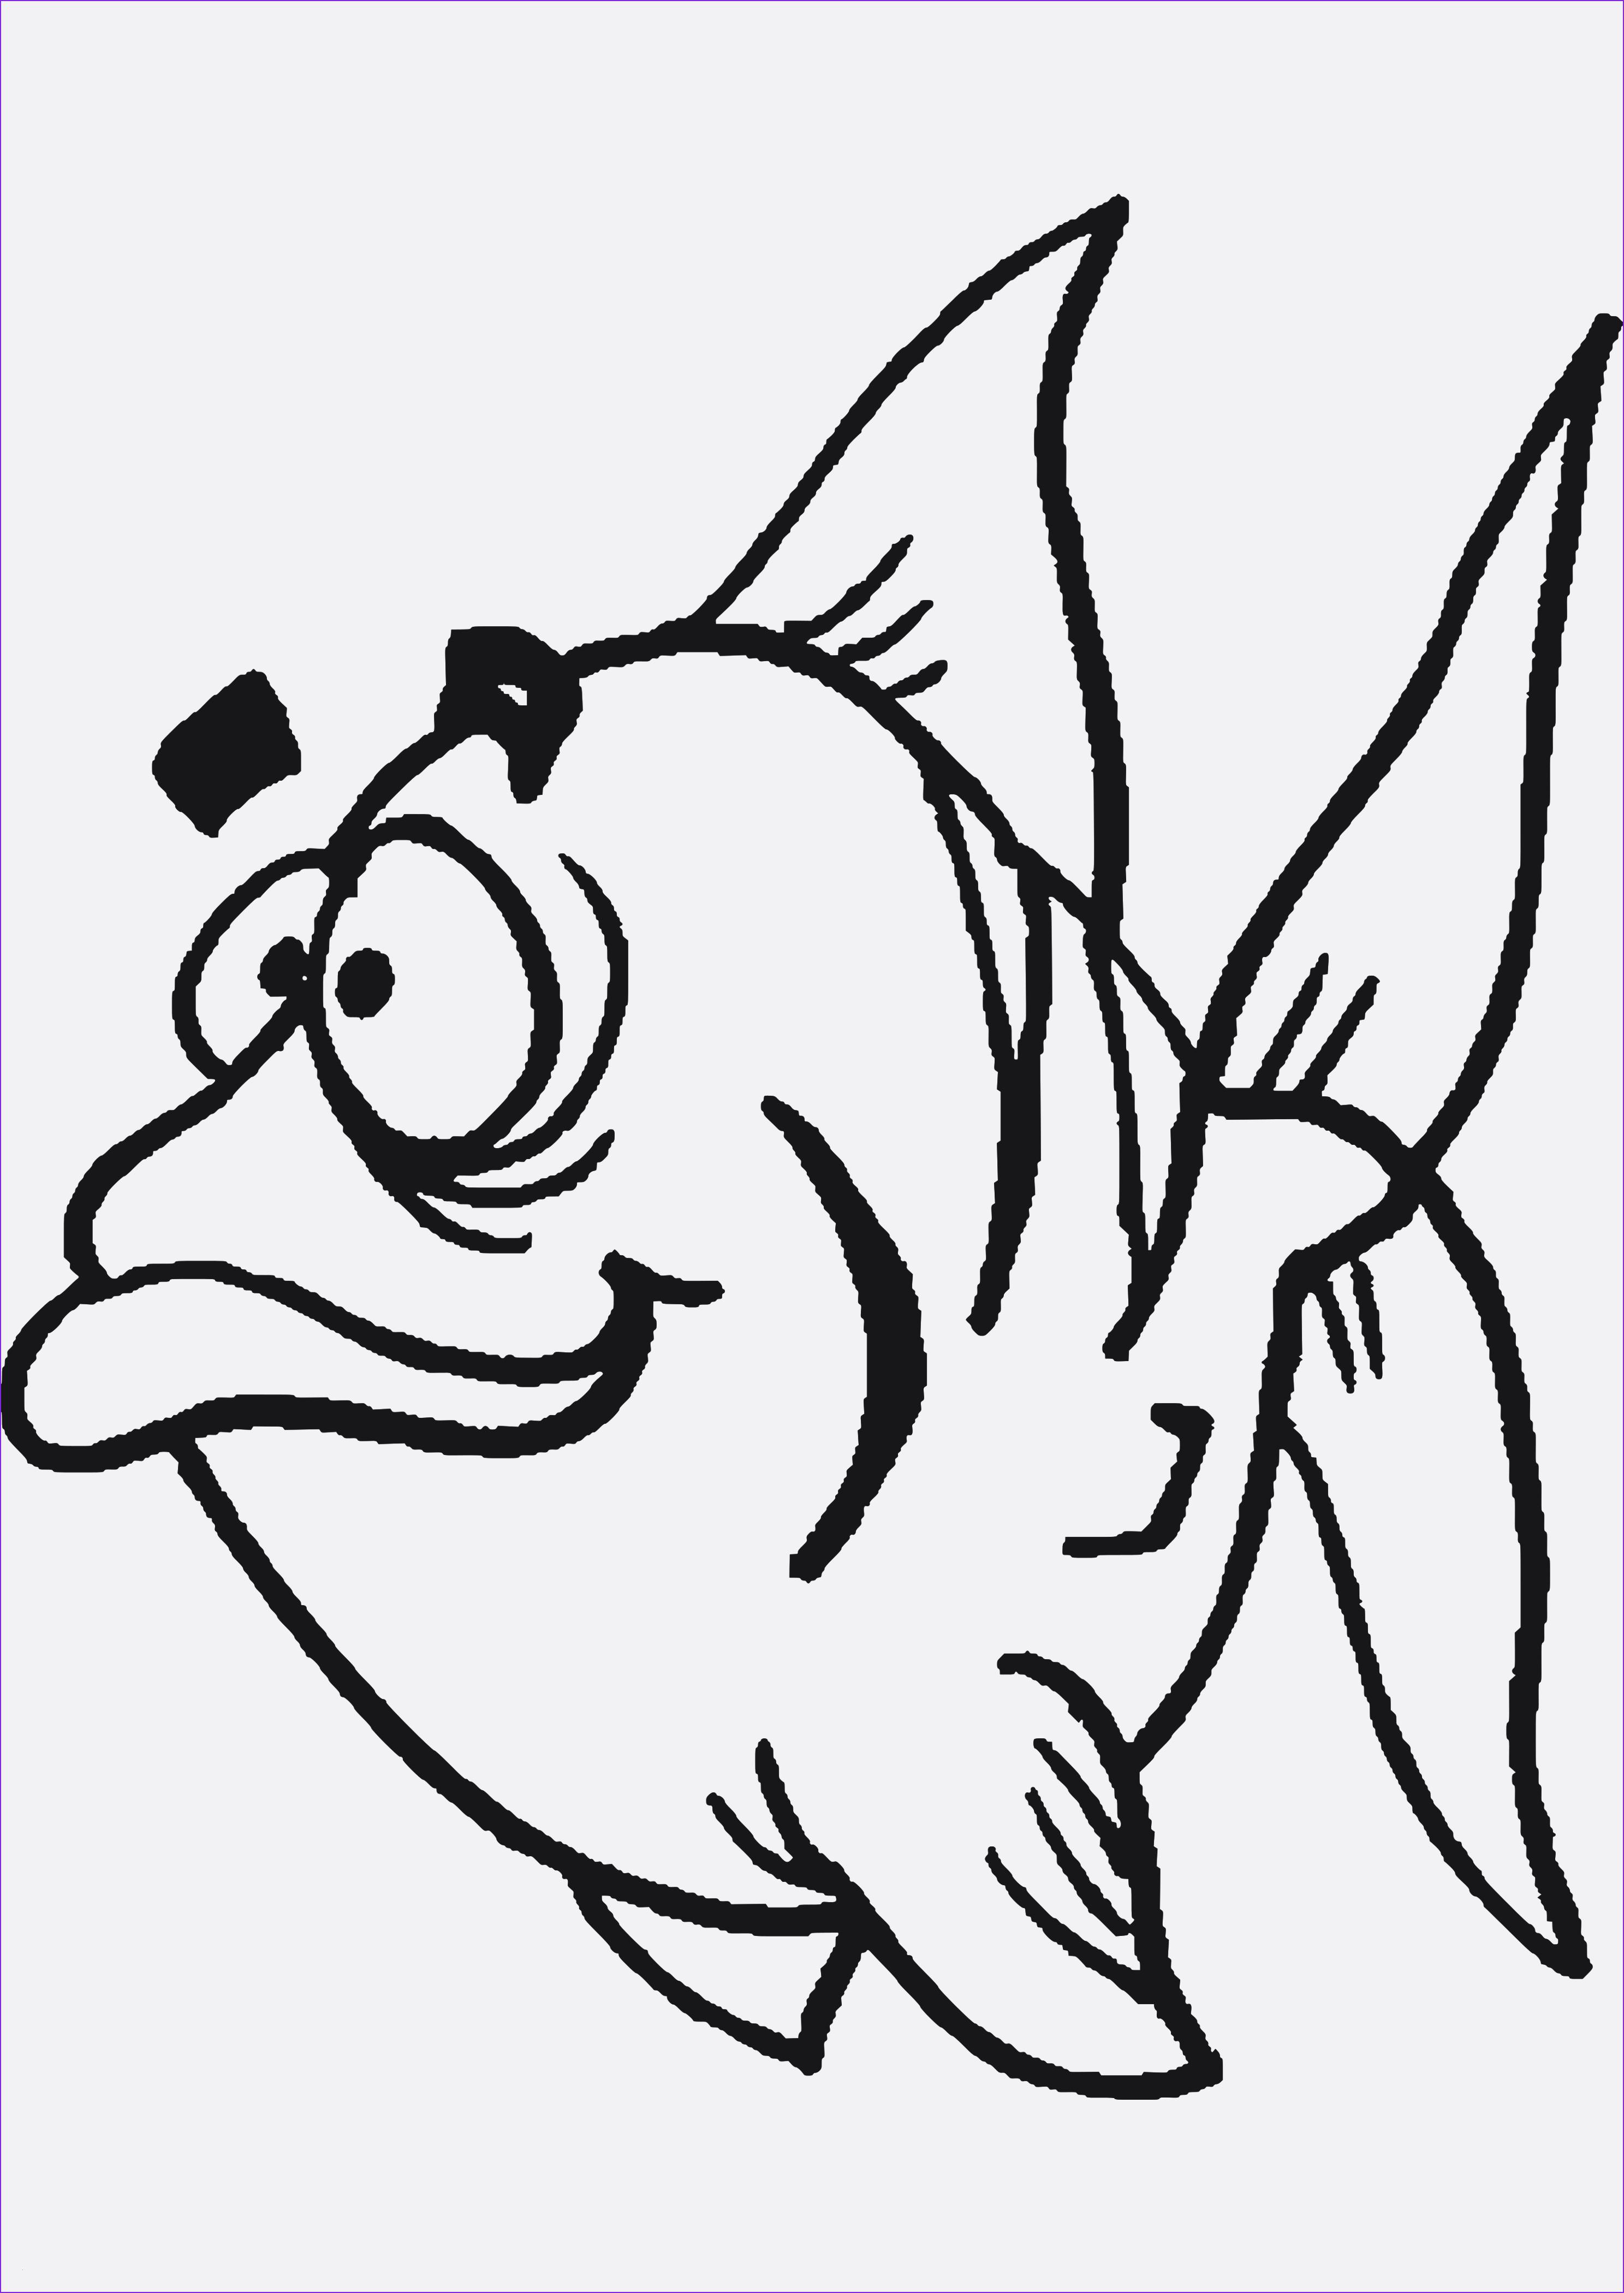 Fische Zum Ausmalen Und Ausdrucken Einzigartig Unterwassertiere Ausmalbilder Schön 53 Ausmalbilder Tiere Fische Neu Das Bild